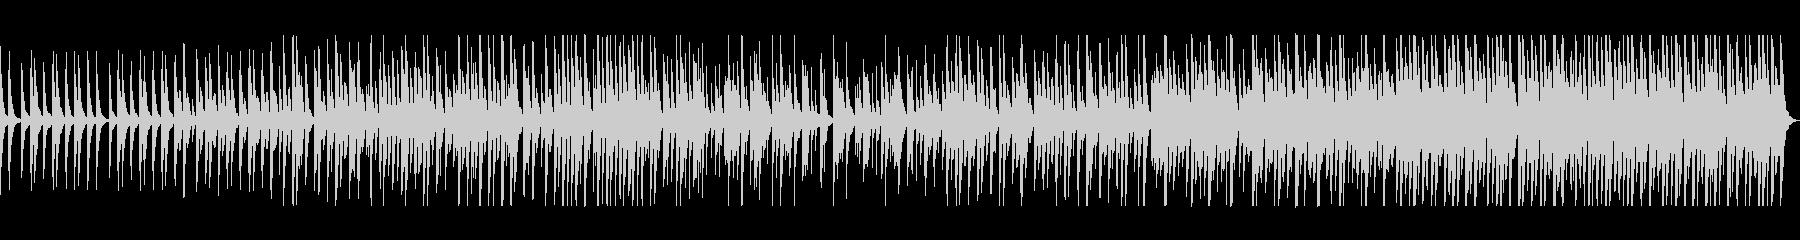 木琴とピアノのミニマル・ミュージックの未再生の波形